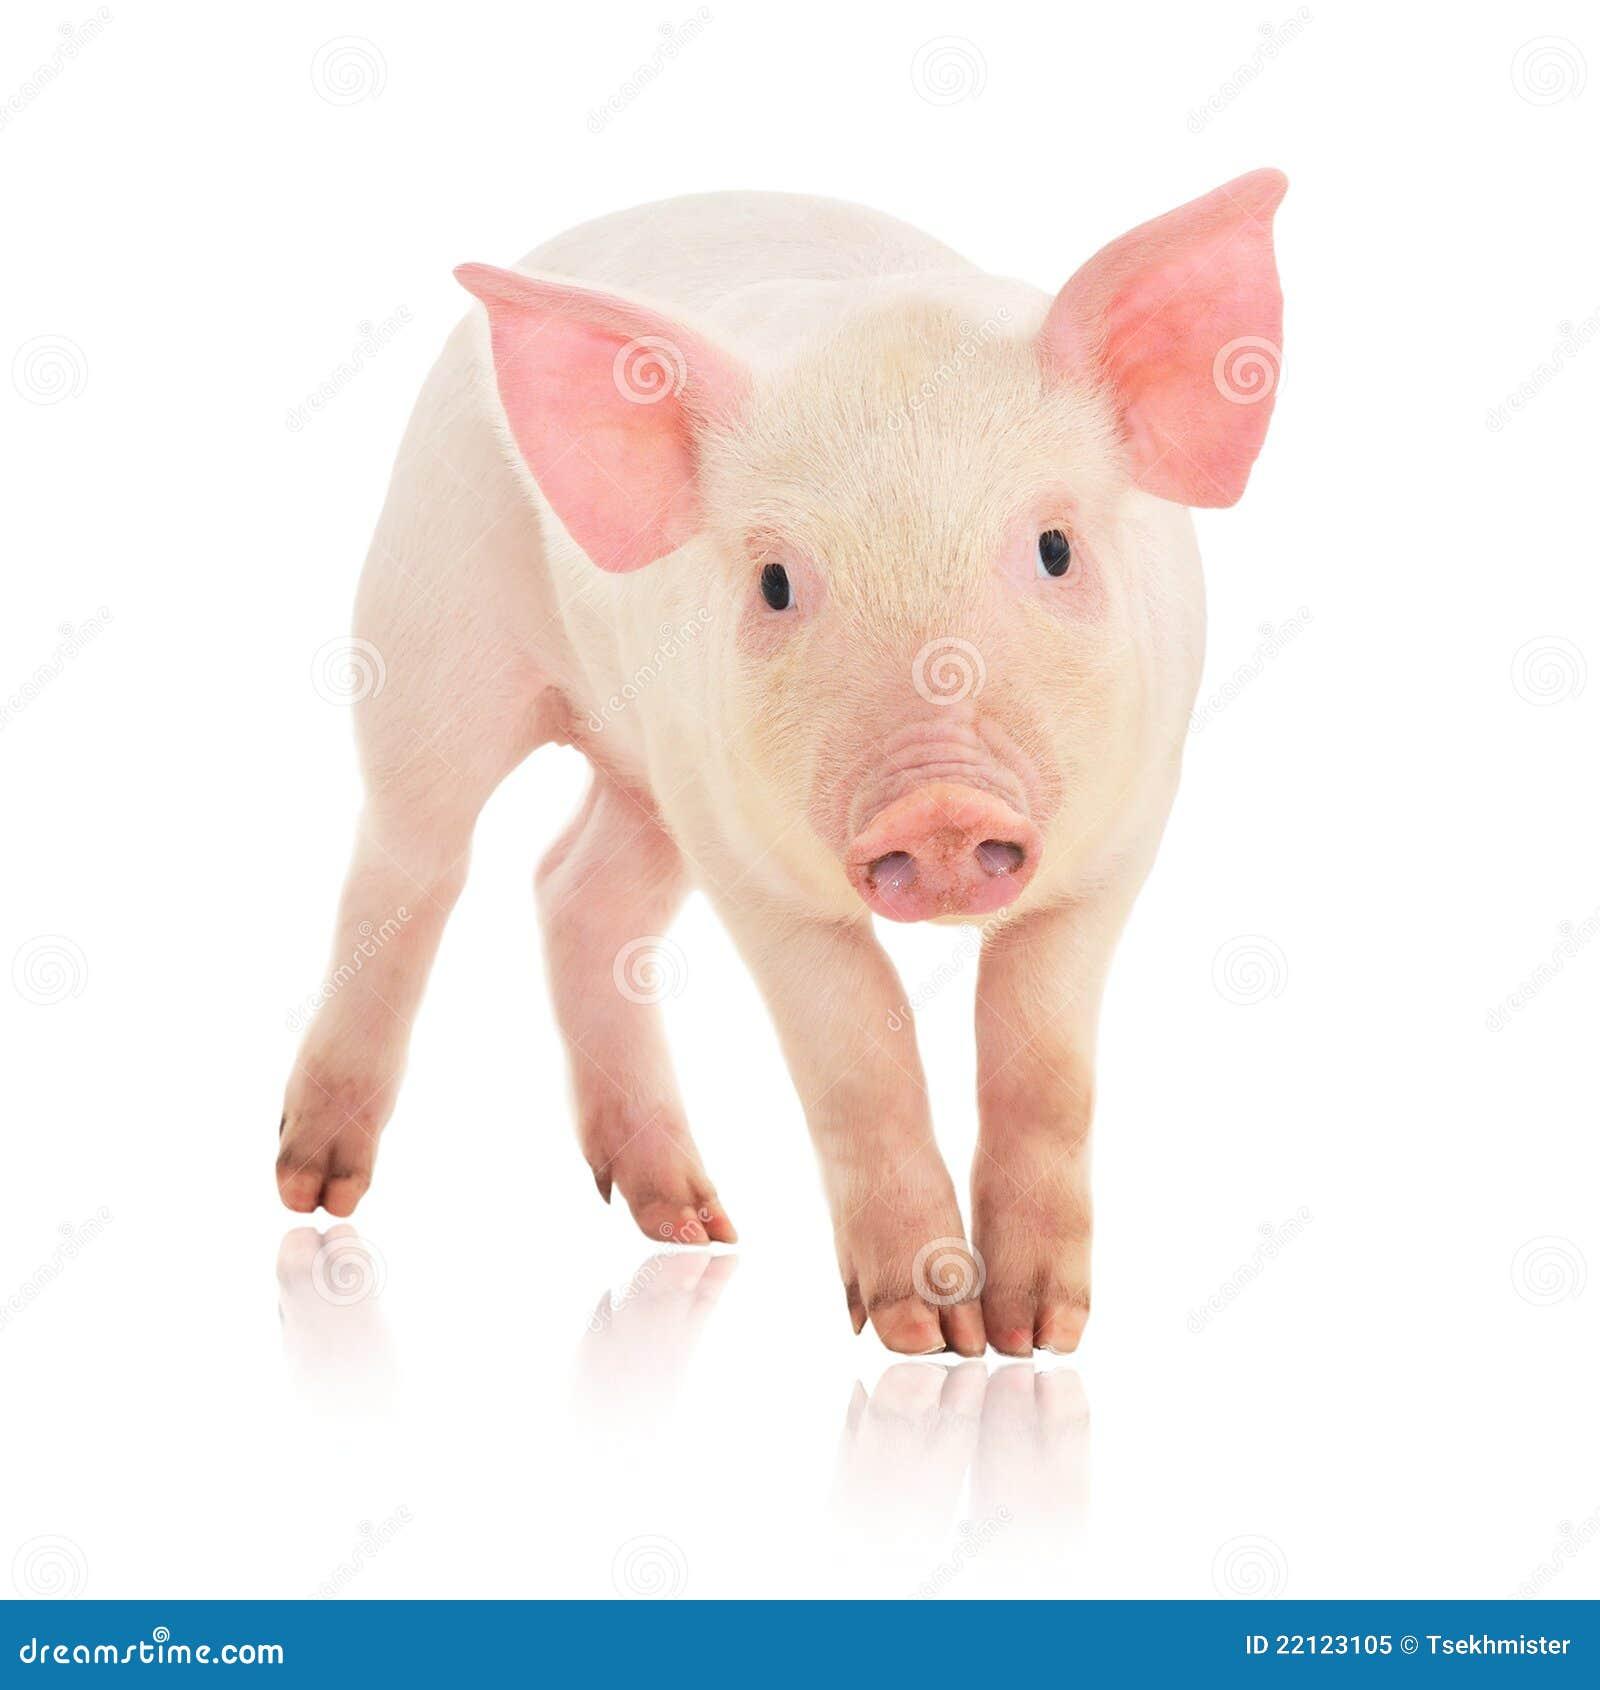 Pigwhite